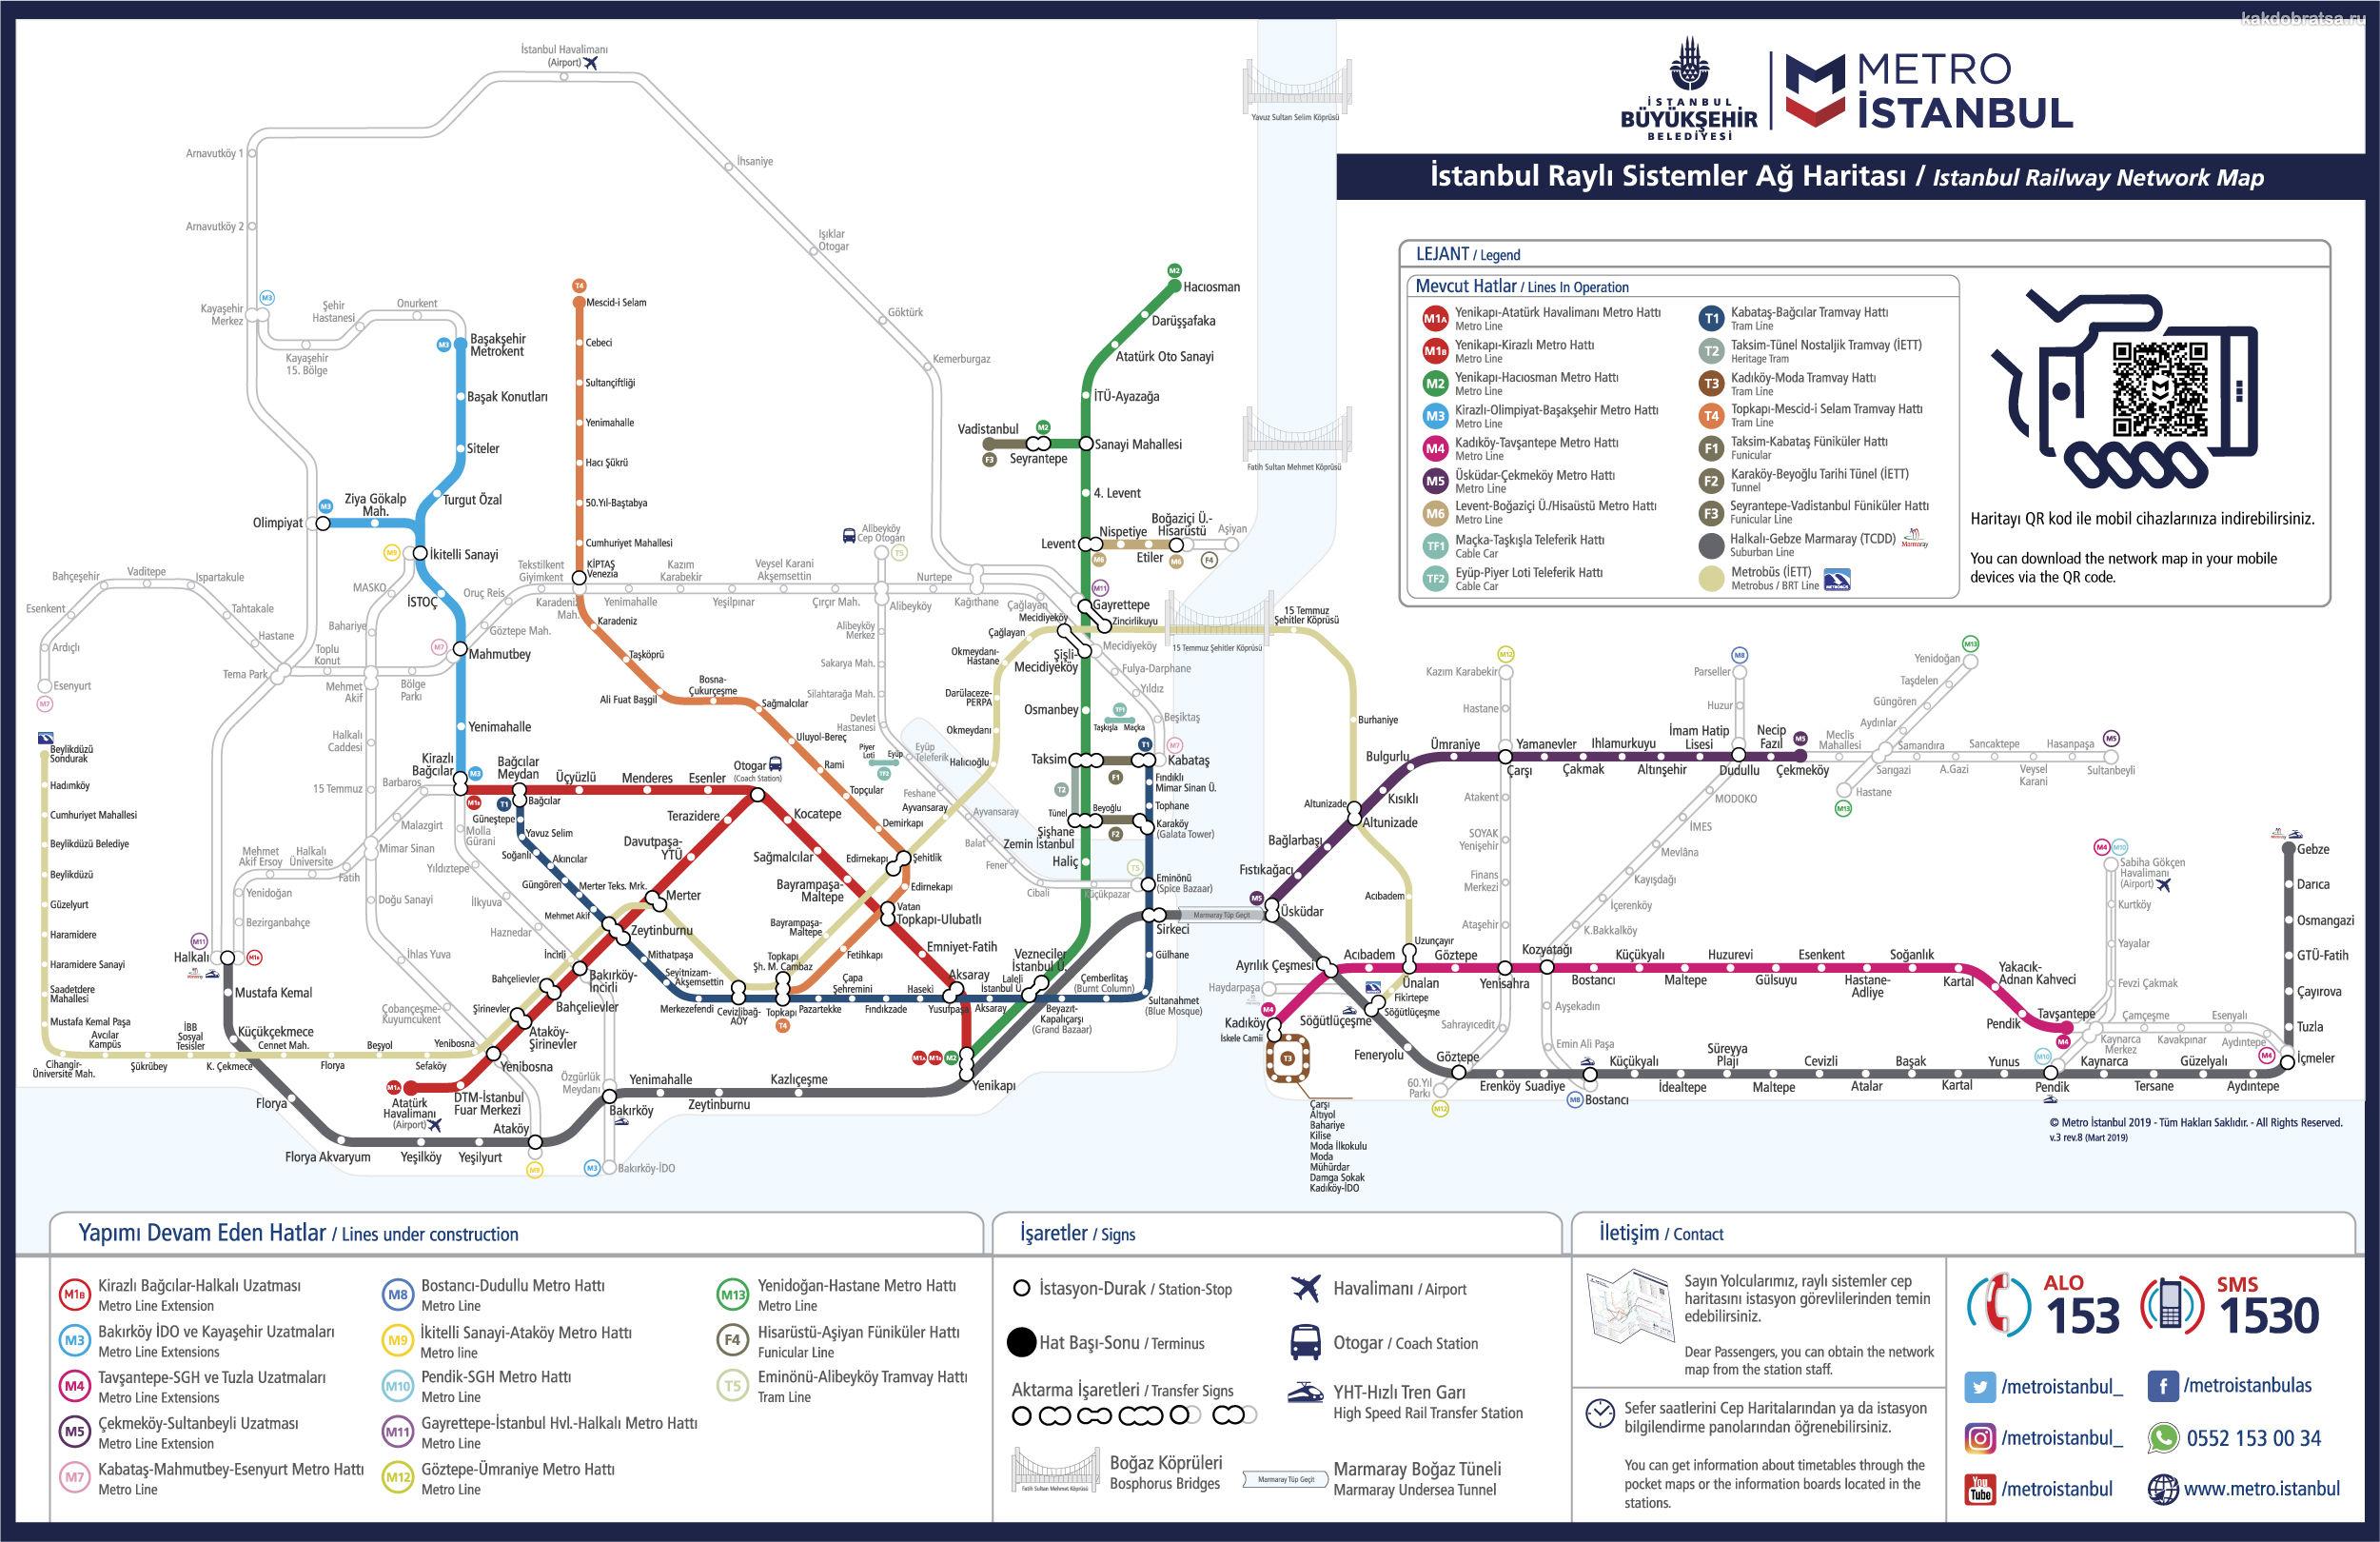 Карта схема метро Стамбула 2019 года